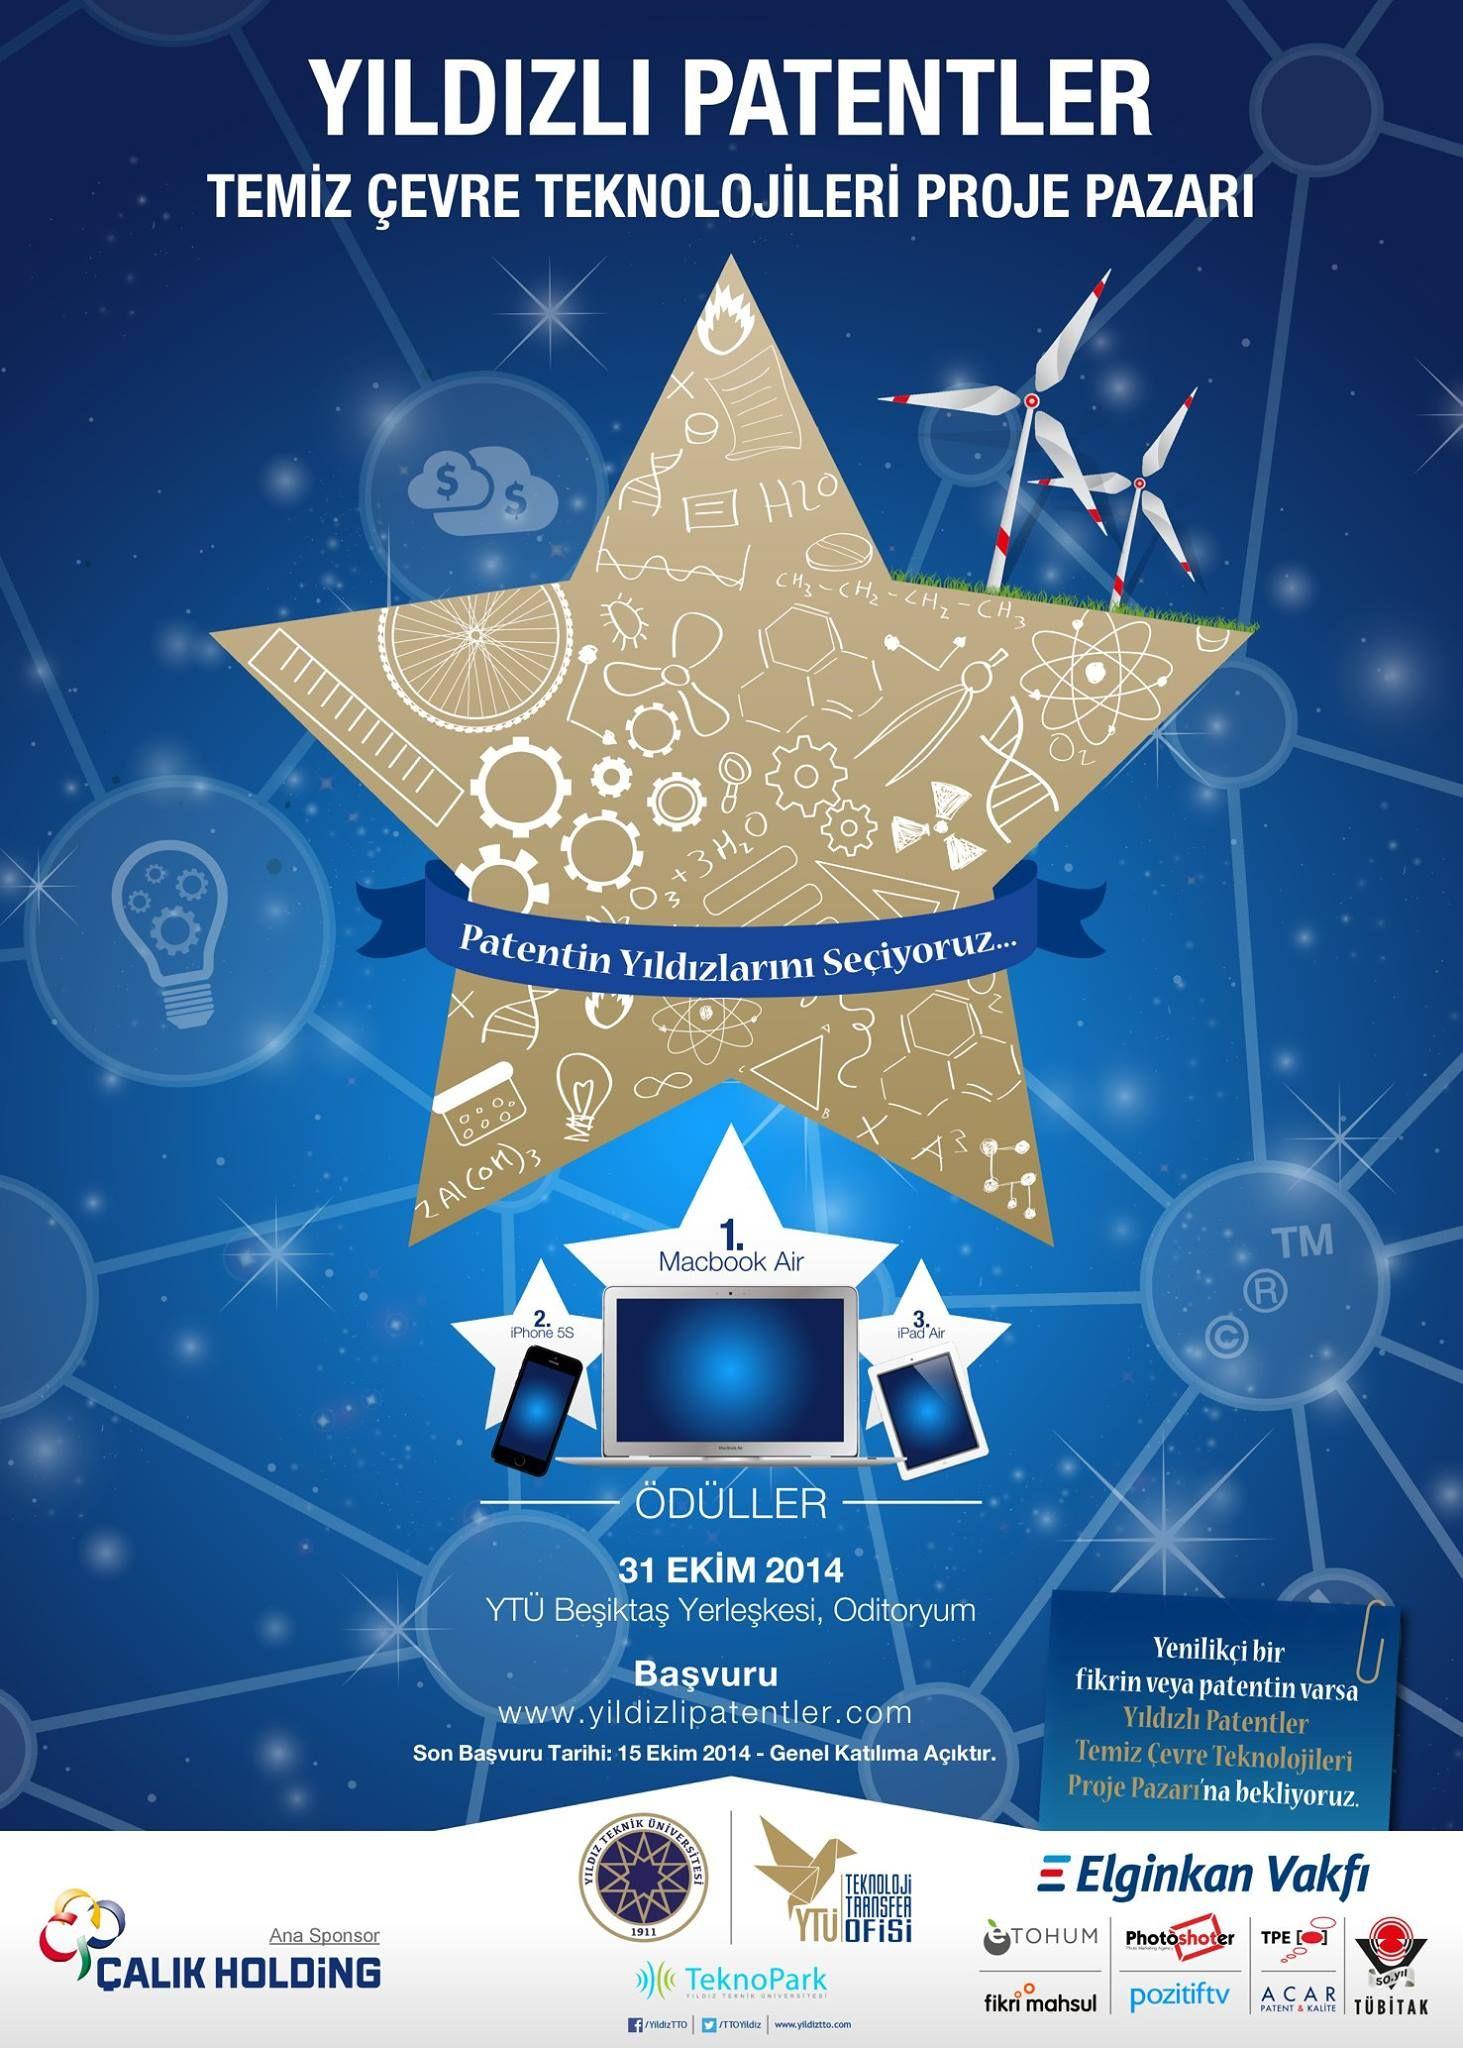 Yıldızlı Patentler 31 Ekim 2014